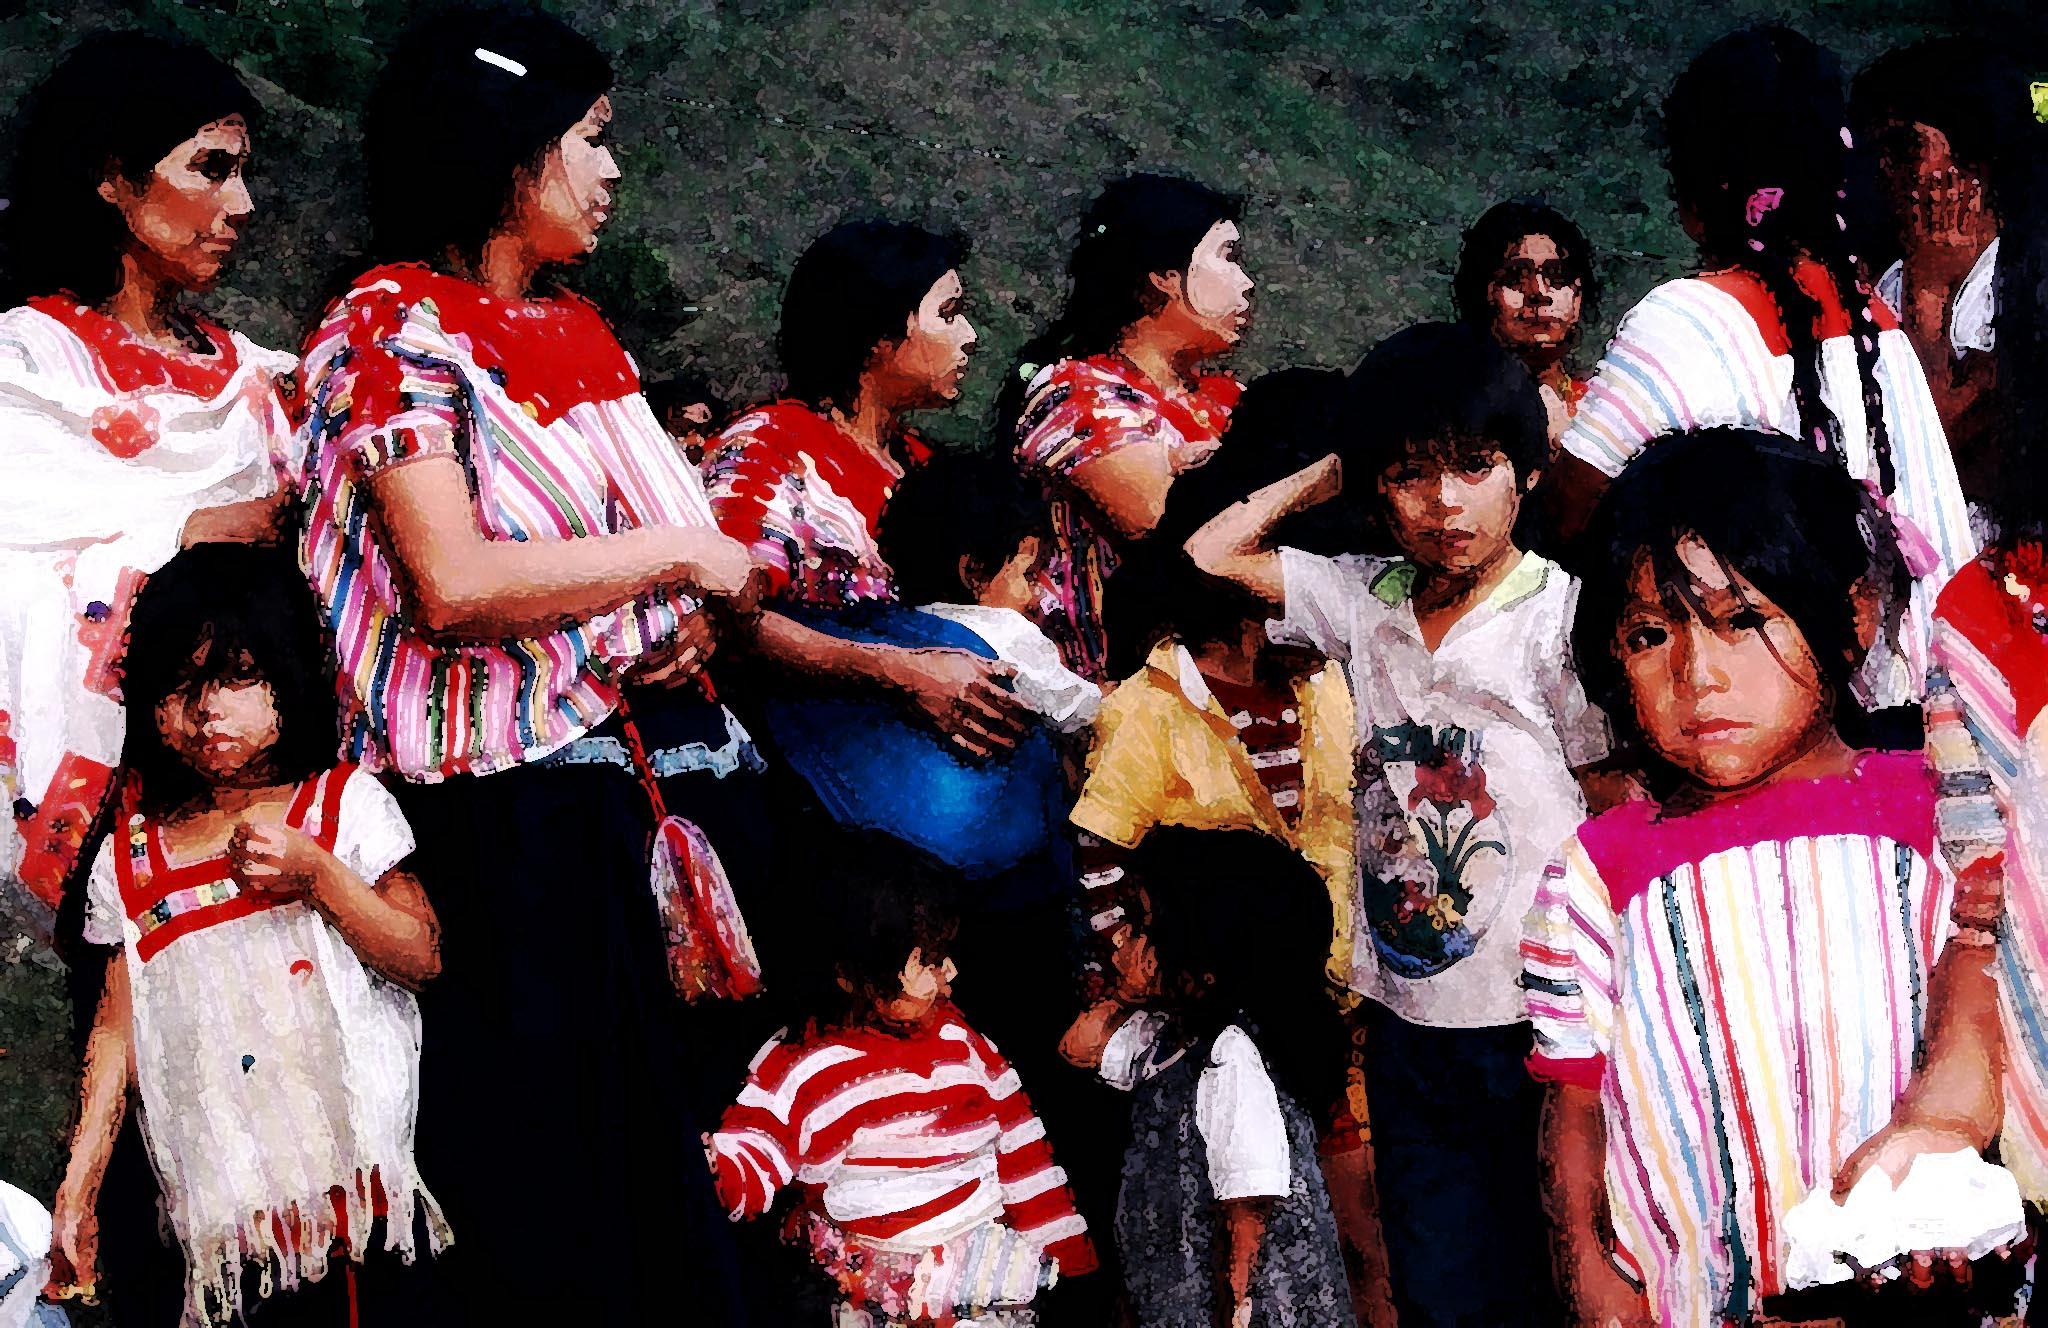 Refugiados de la masacre de Acteal en Polho 23 dic 1997